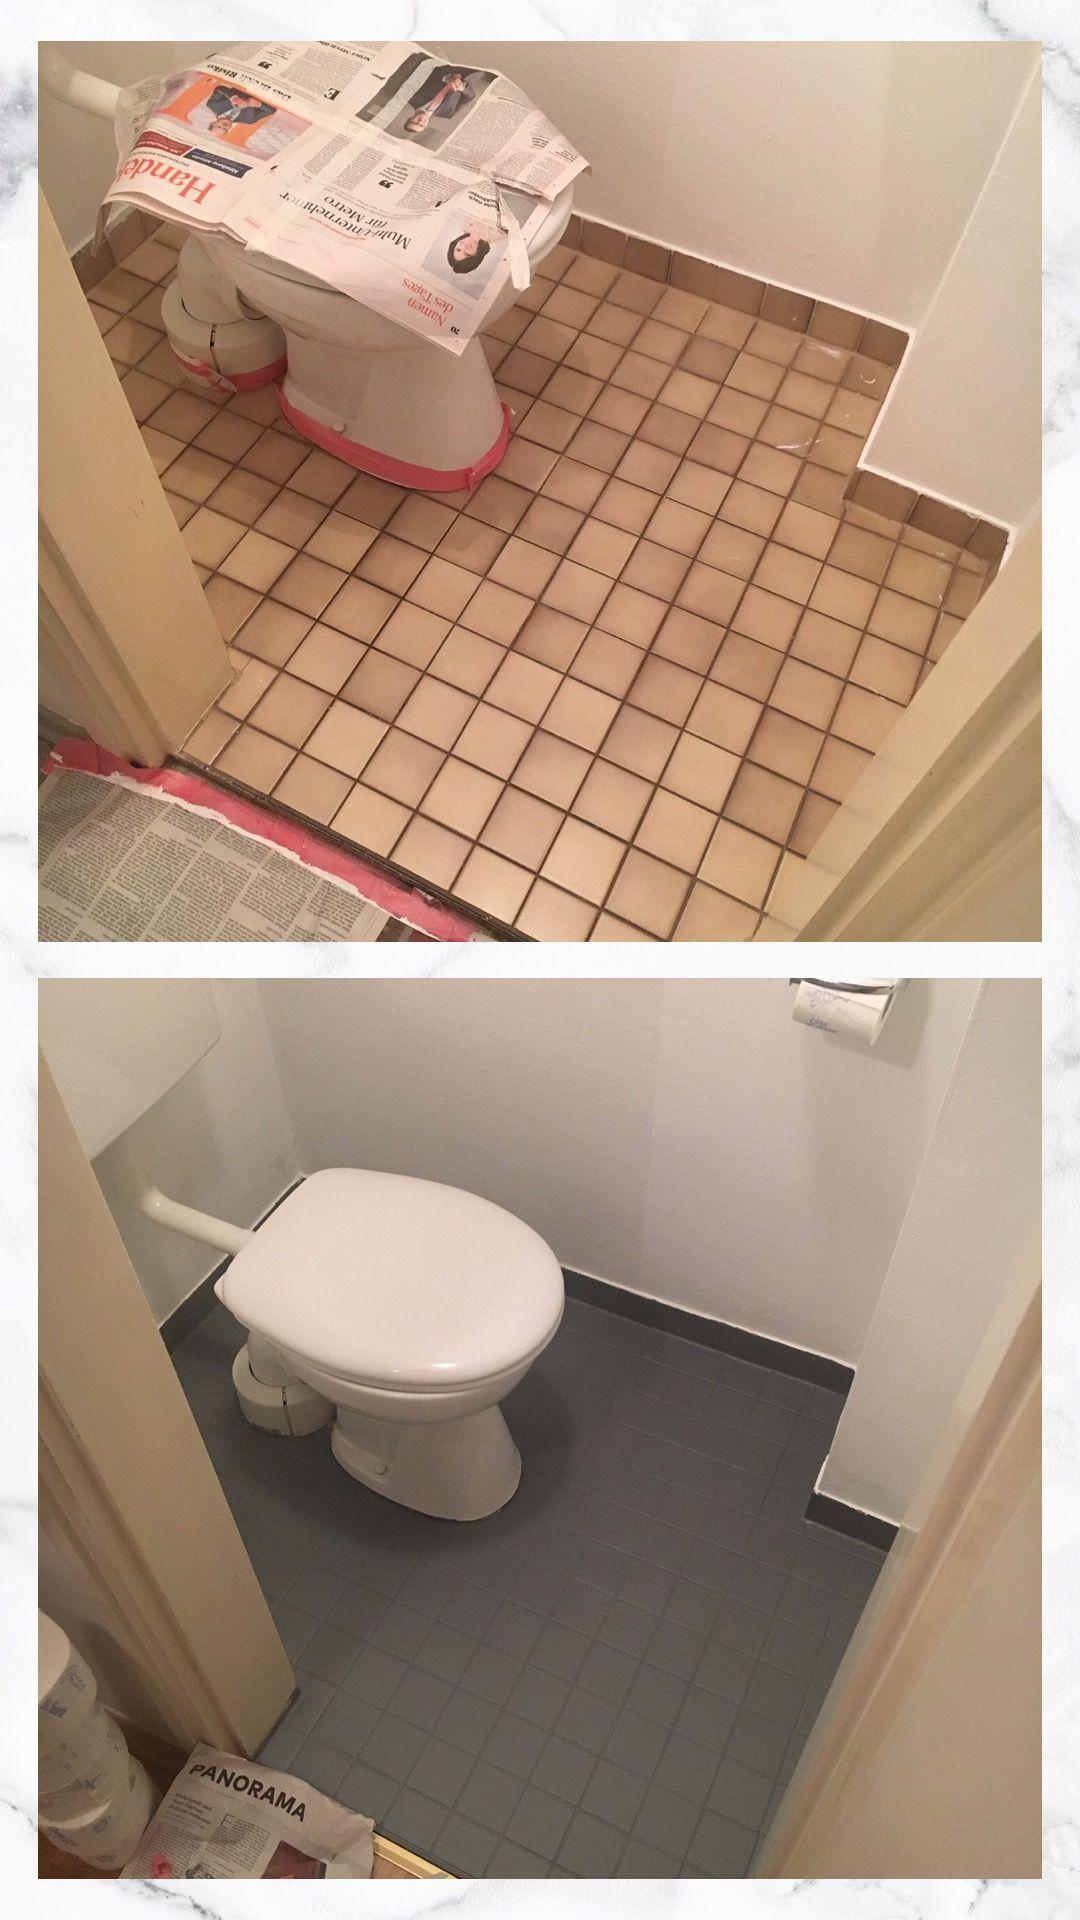 Fliesen Streichen Mit Kreidefarbe Fliesenstreichen In 2020 Fliesen Streichen Badezimmer Renovieren Badezimmer Streichen